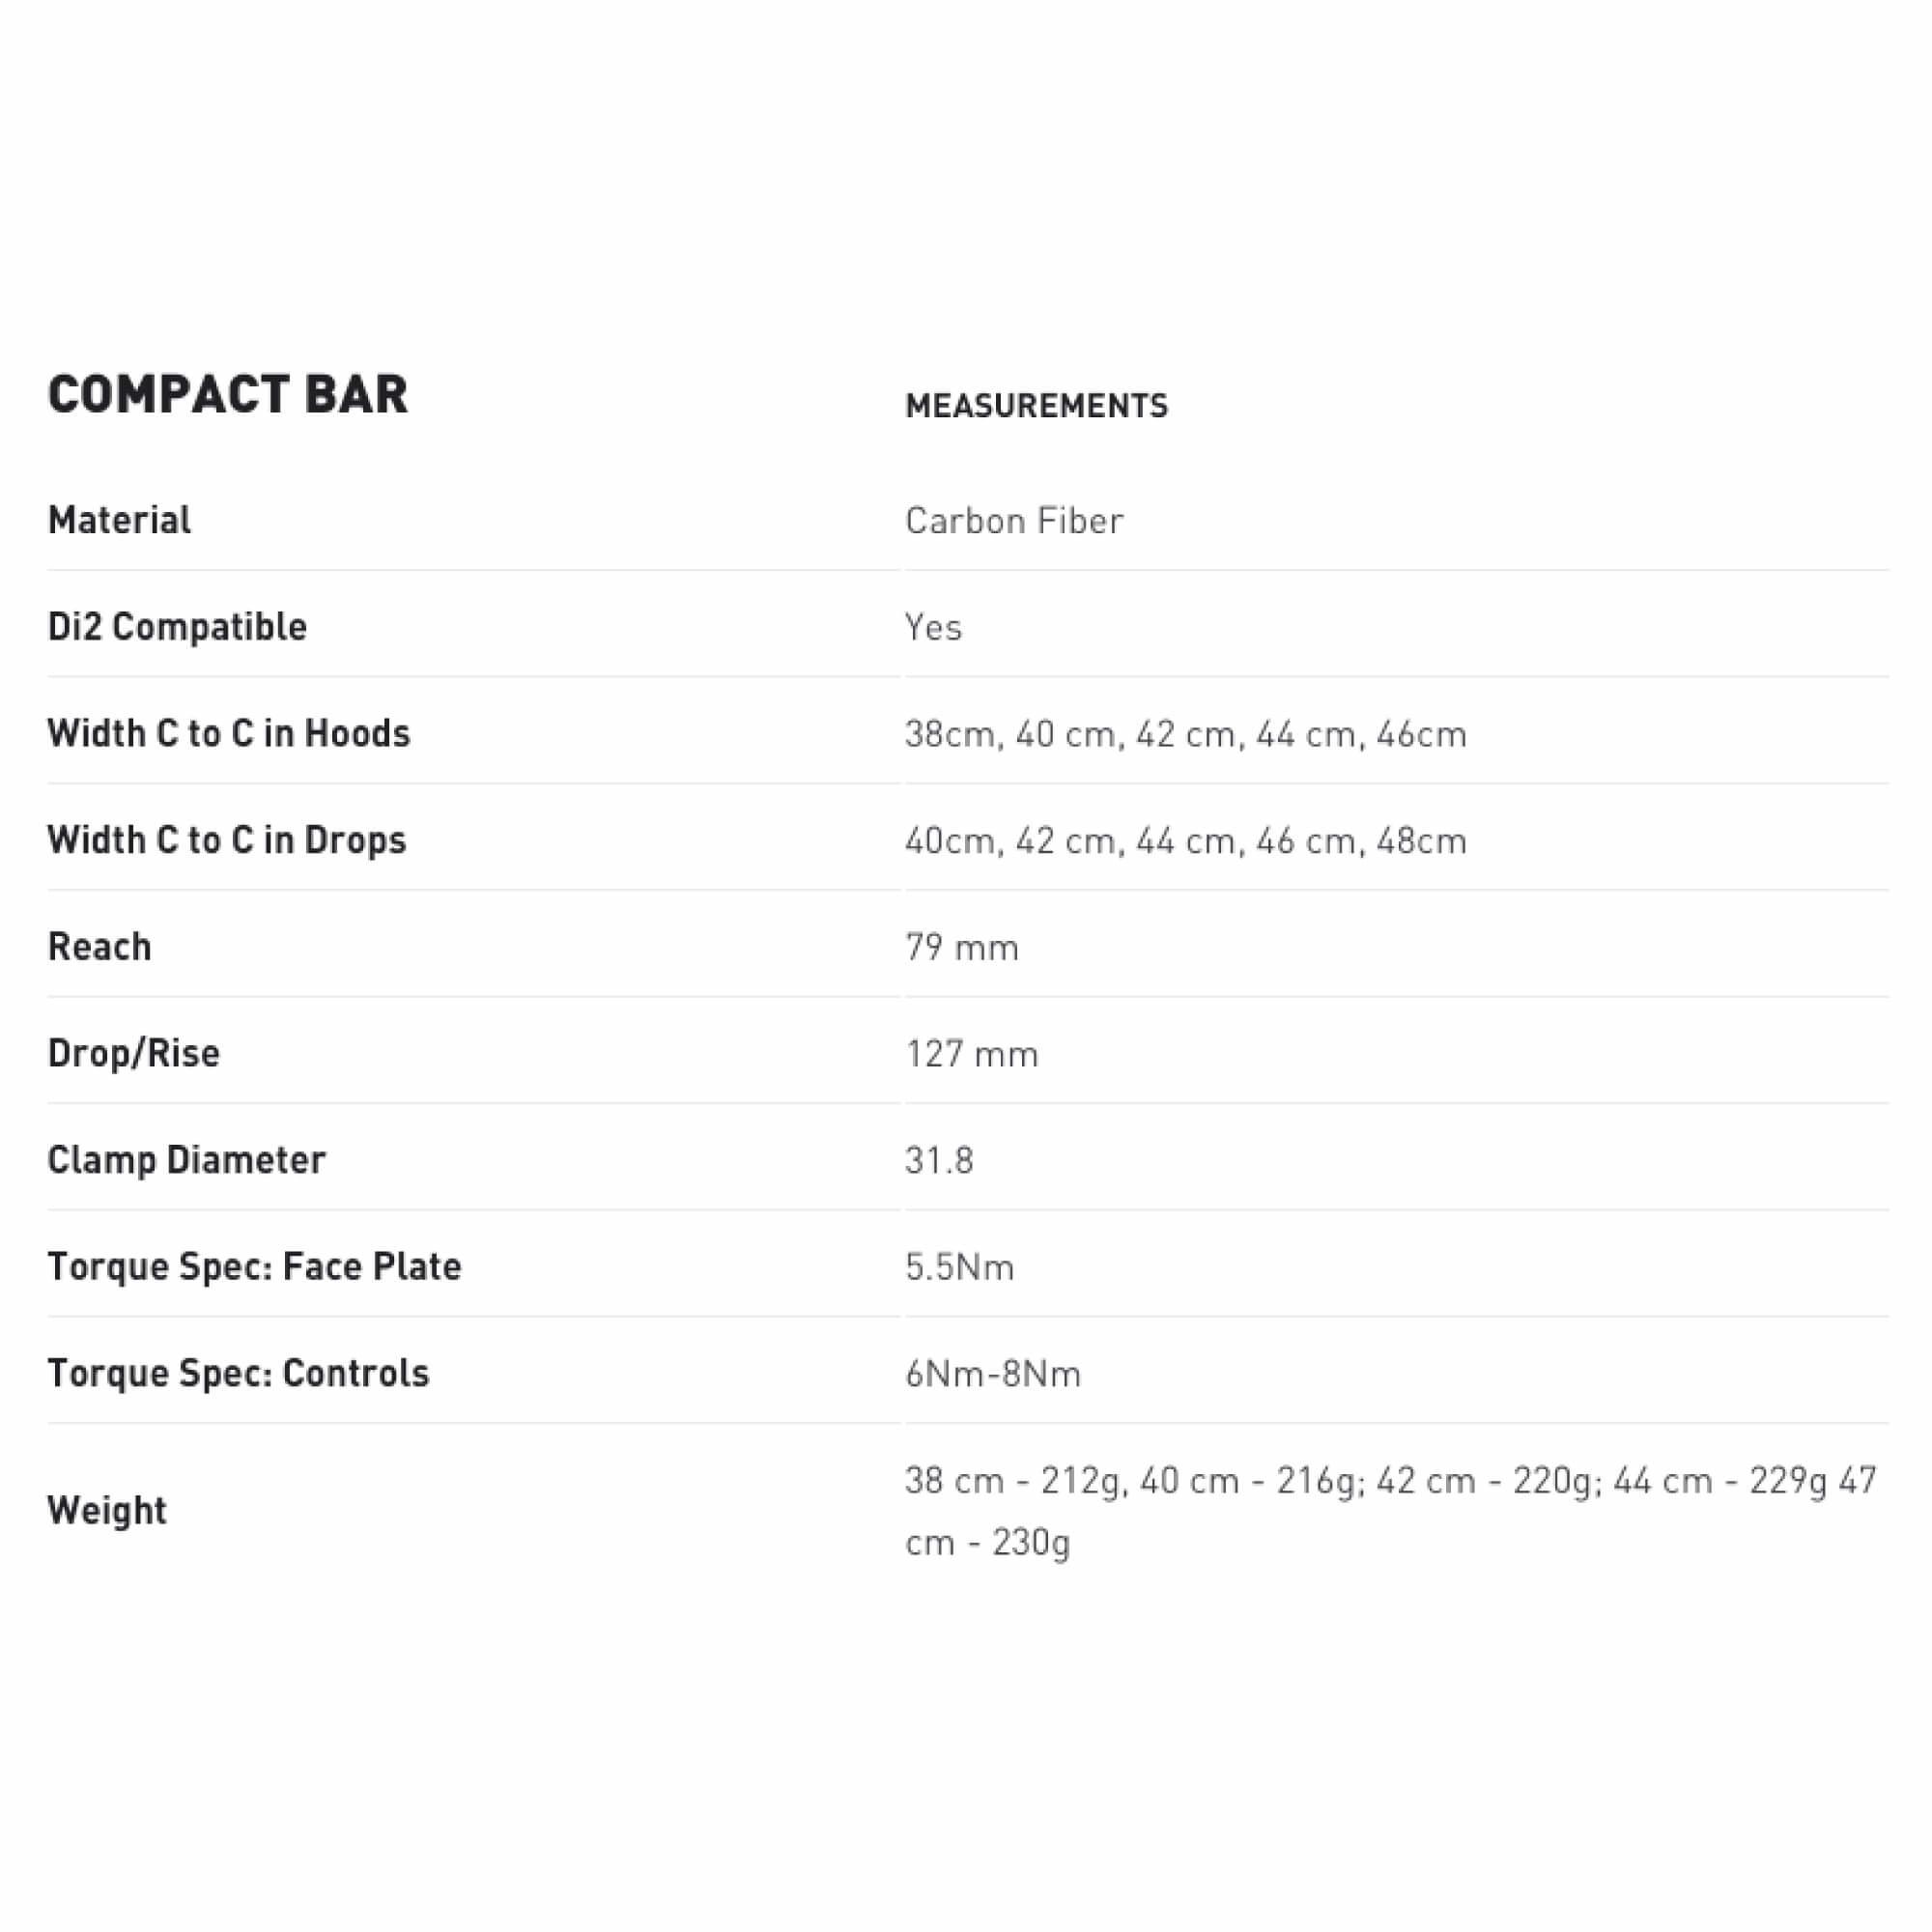 Bar Compact Road Drop-9